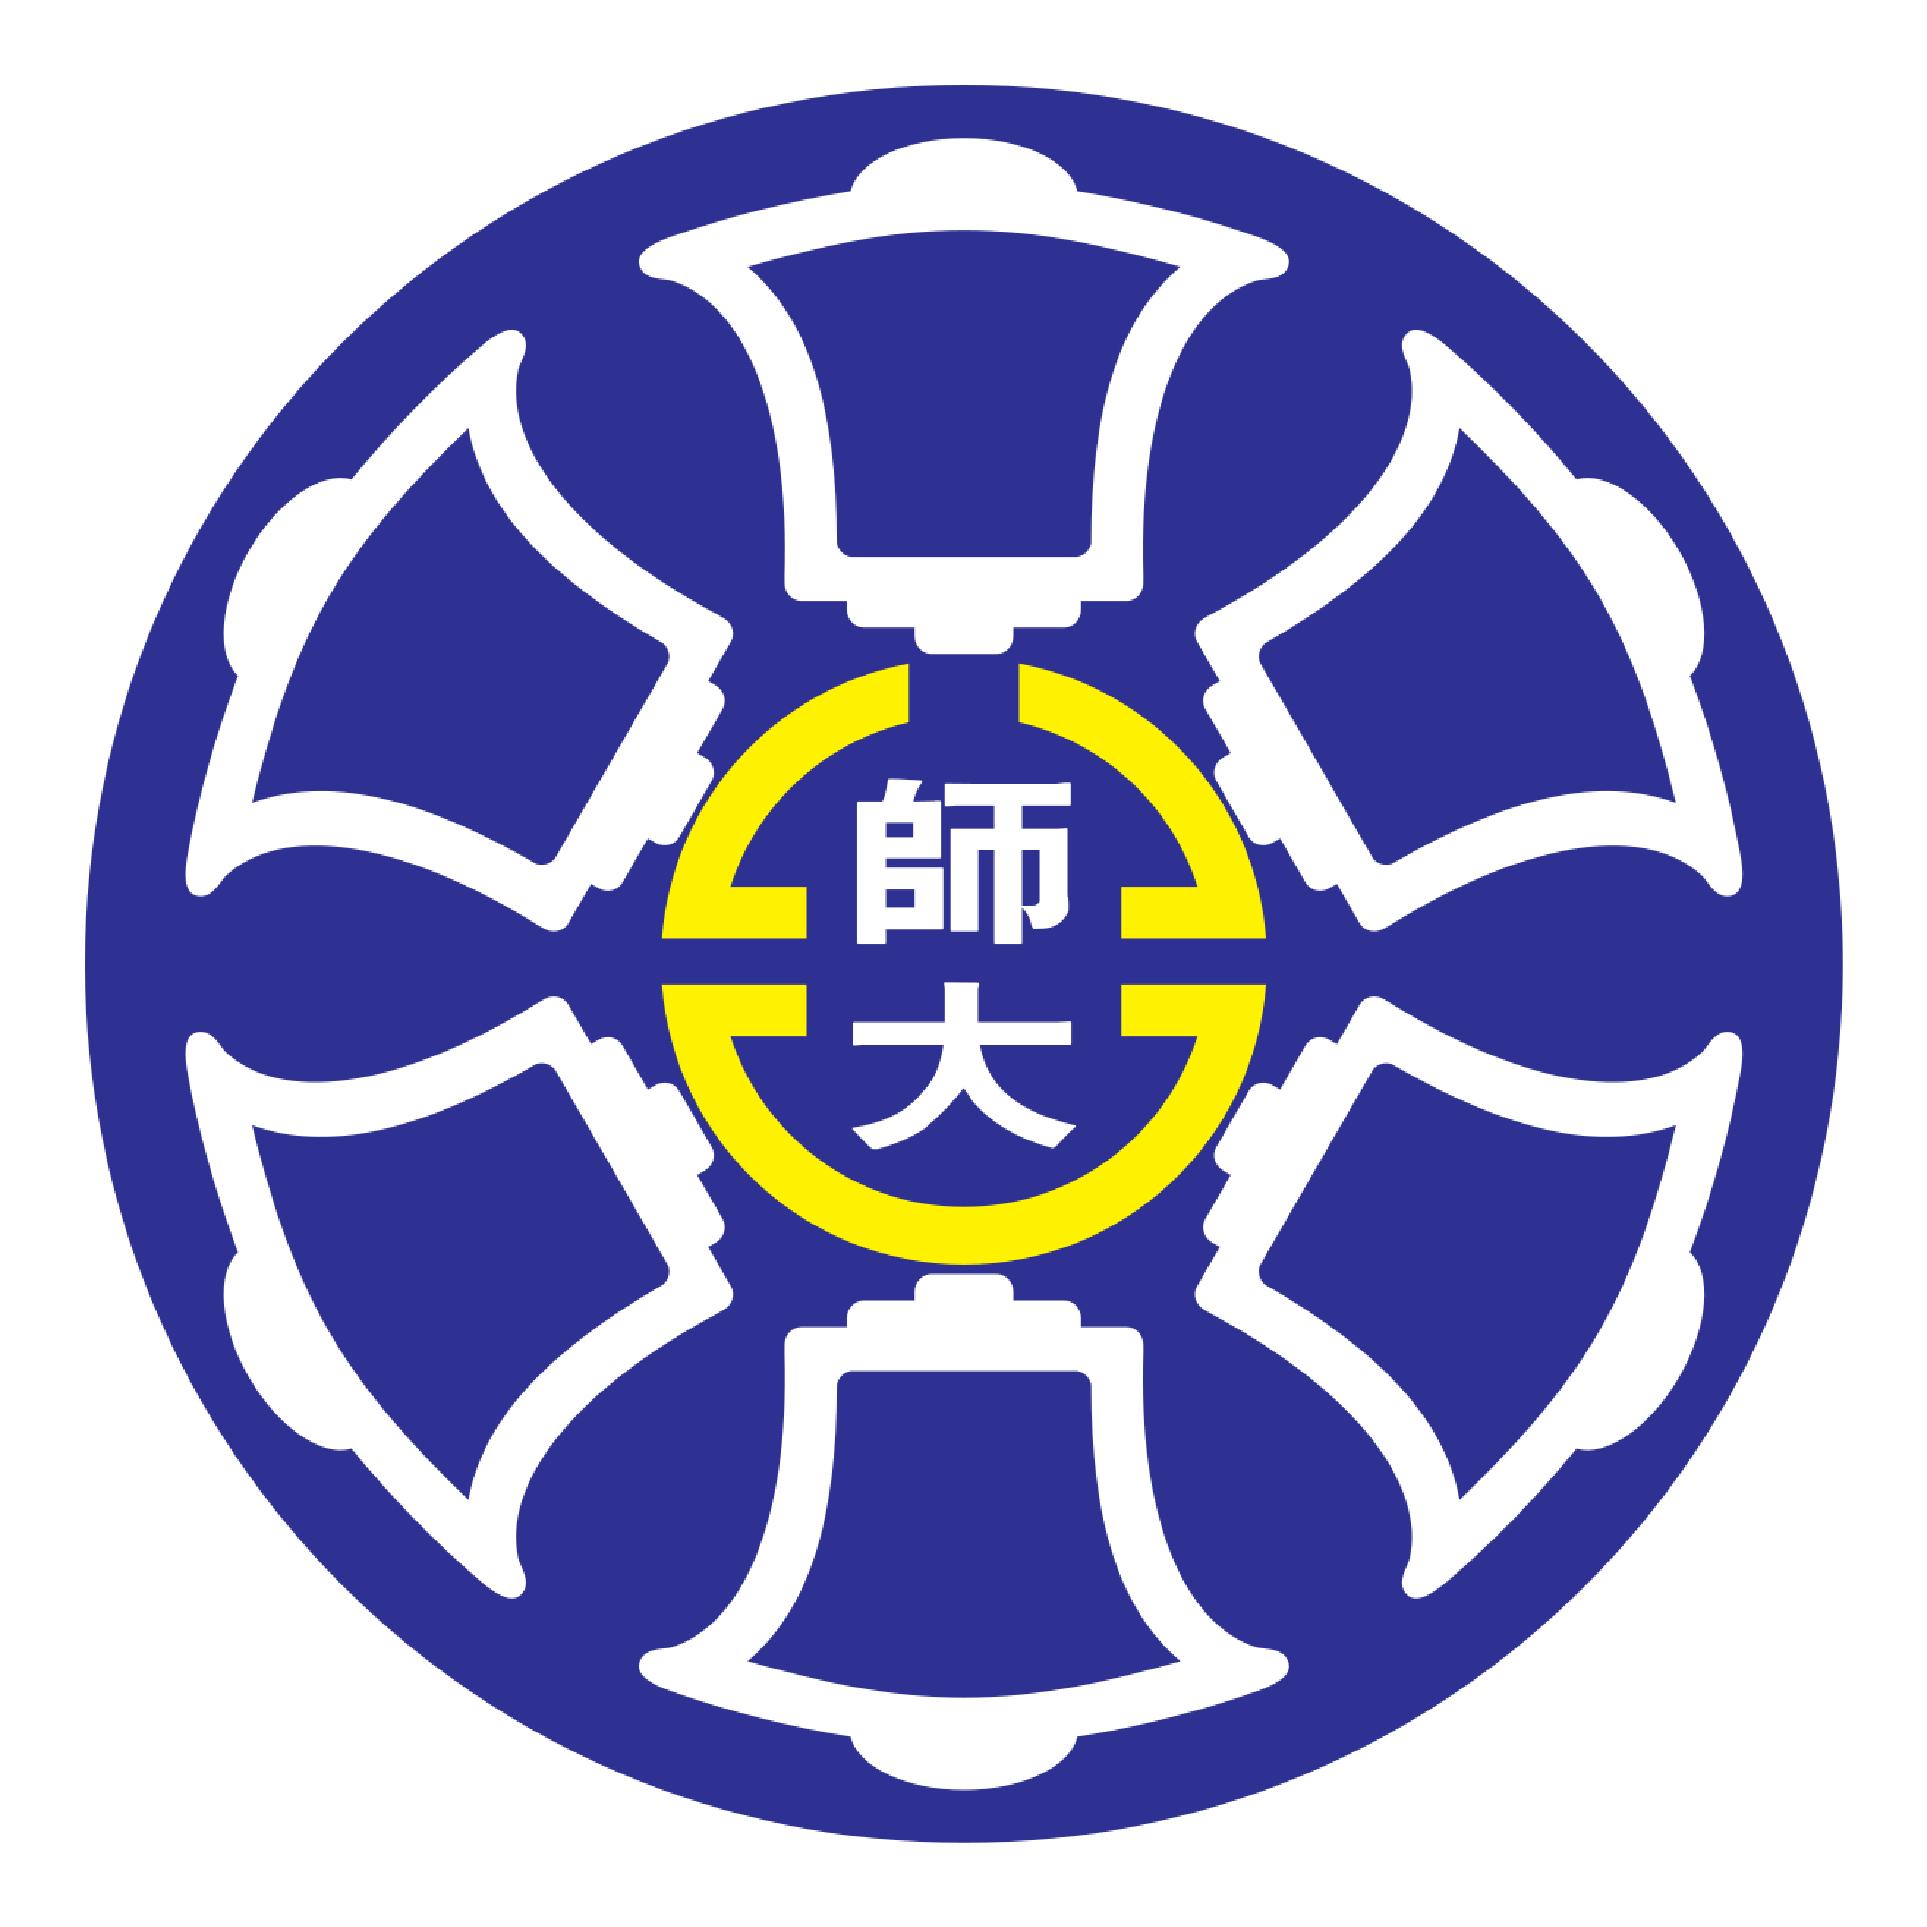 台灣師範大學 logo